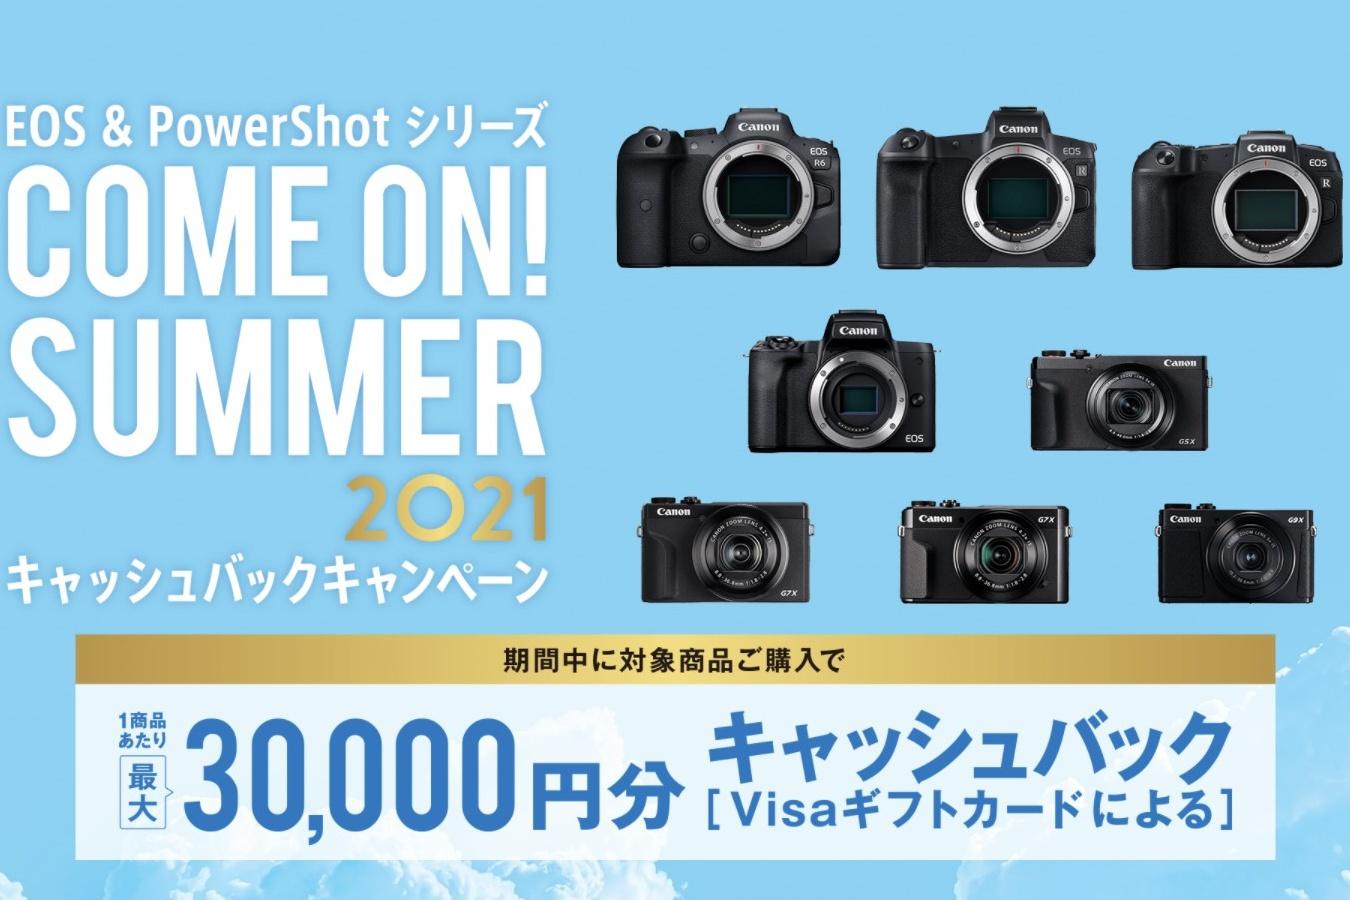 キヤノンの人気一眼カメラとコンデジがキャッシュバックキャンペーン【2021.6.11-2021.7.26】